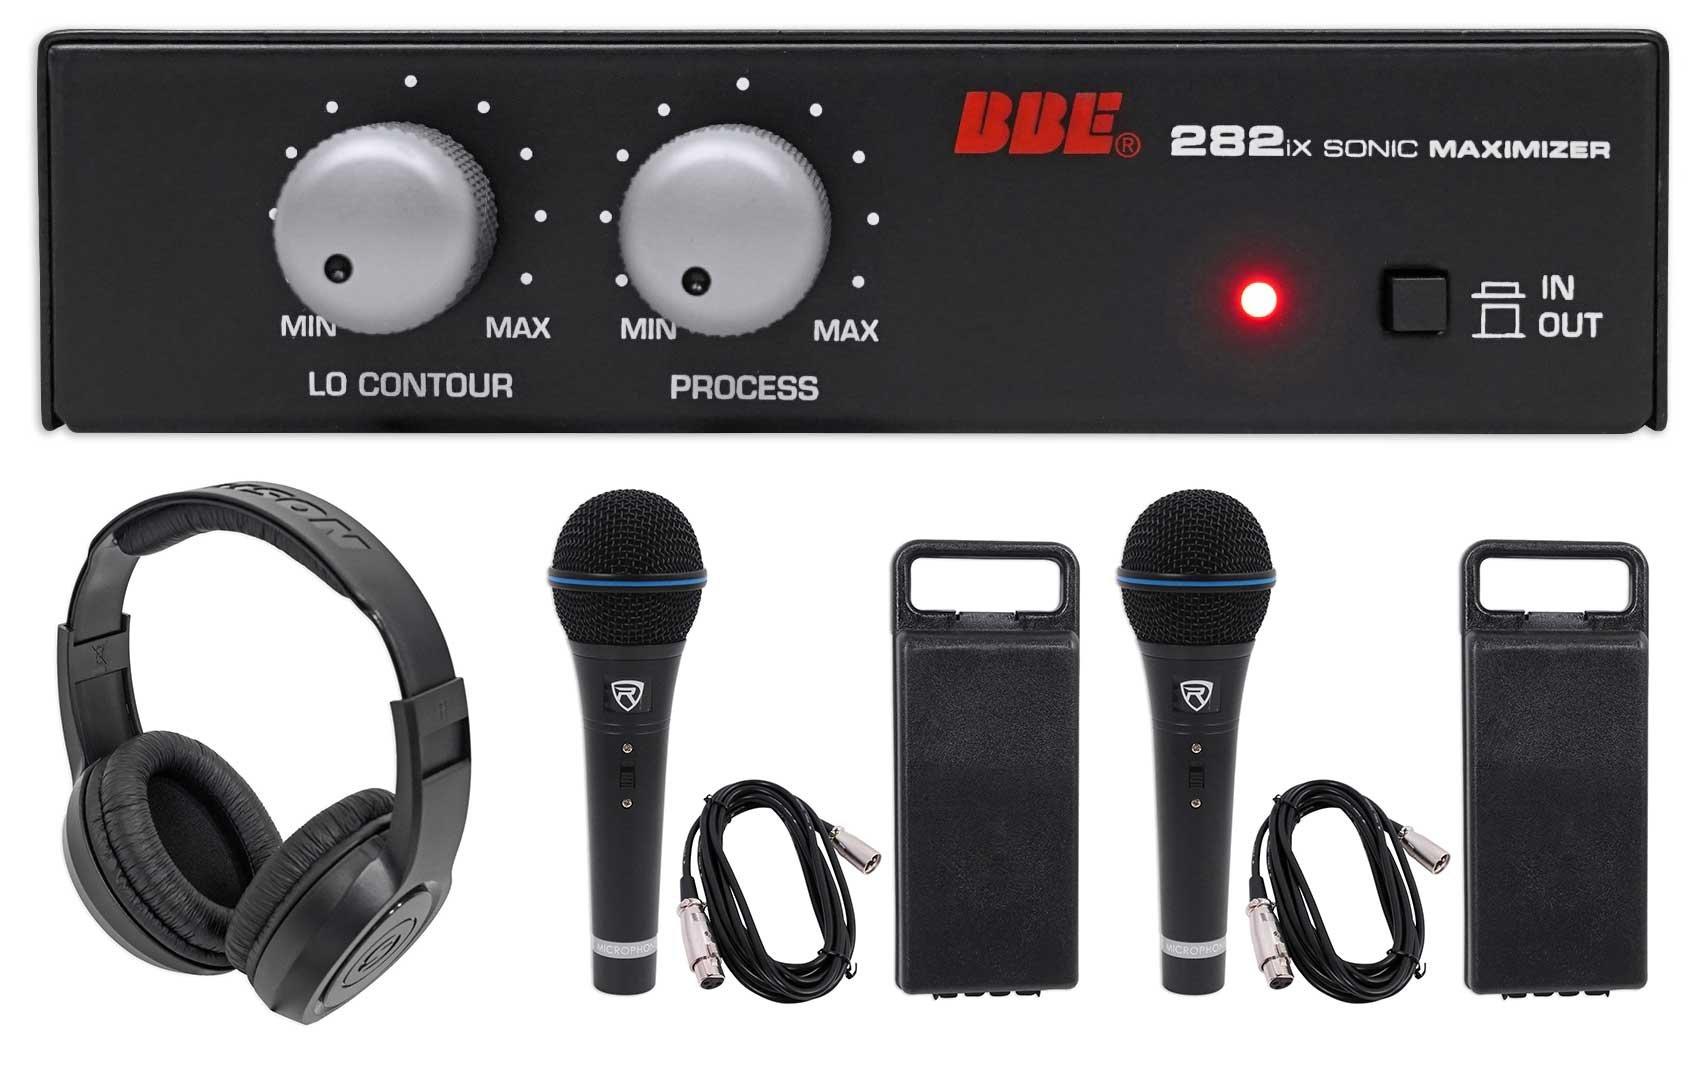 BBE 282IX Desktop Sonic Maximizer w/XLR Inputs/Outputs+Headphones+Mics+Cables